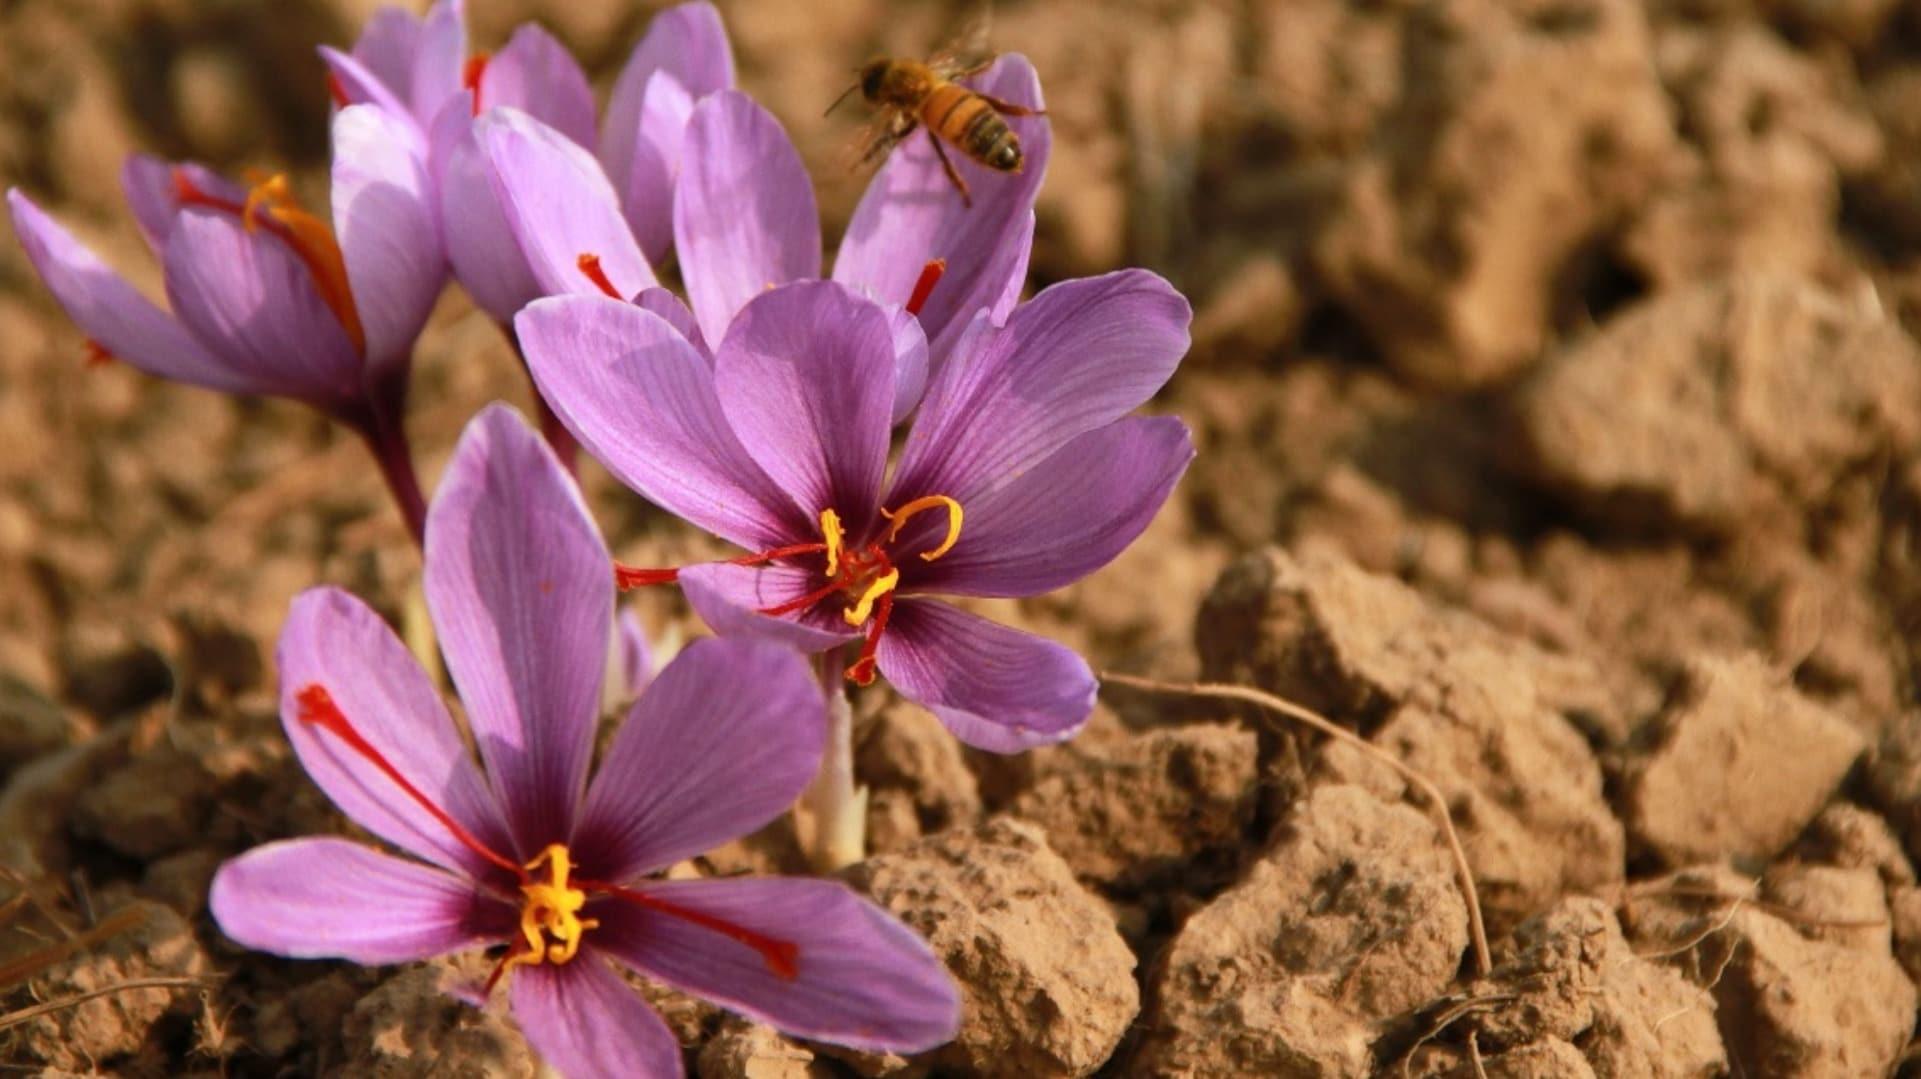 Kashmir's saffron harvest sees sharp decline